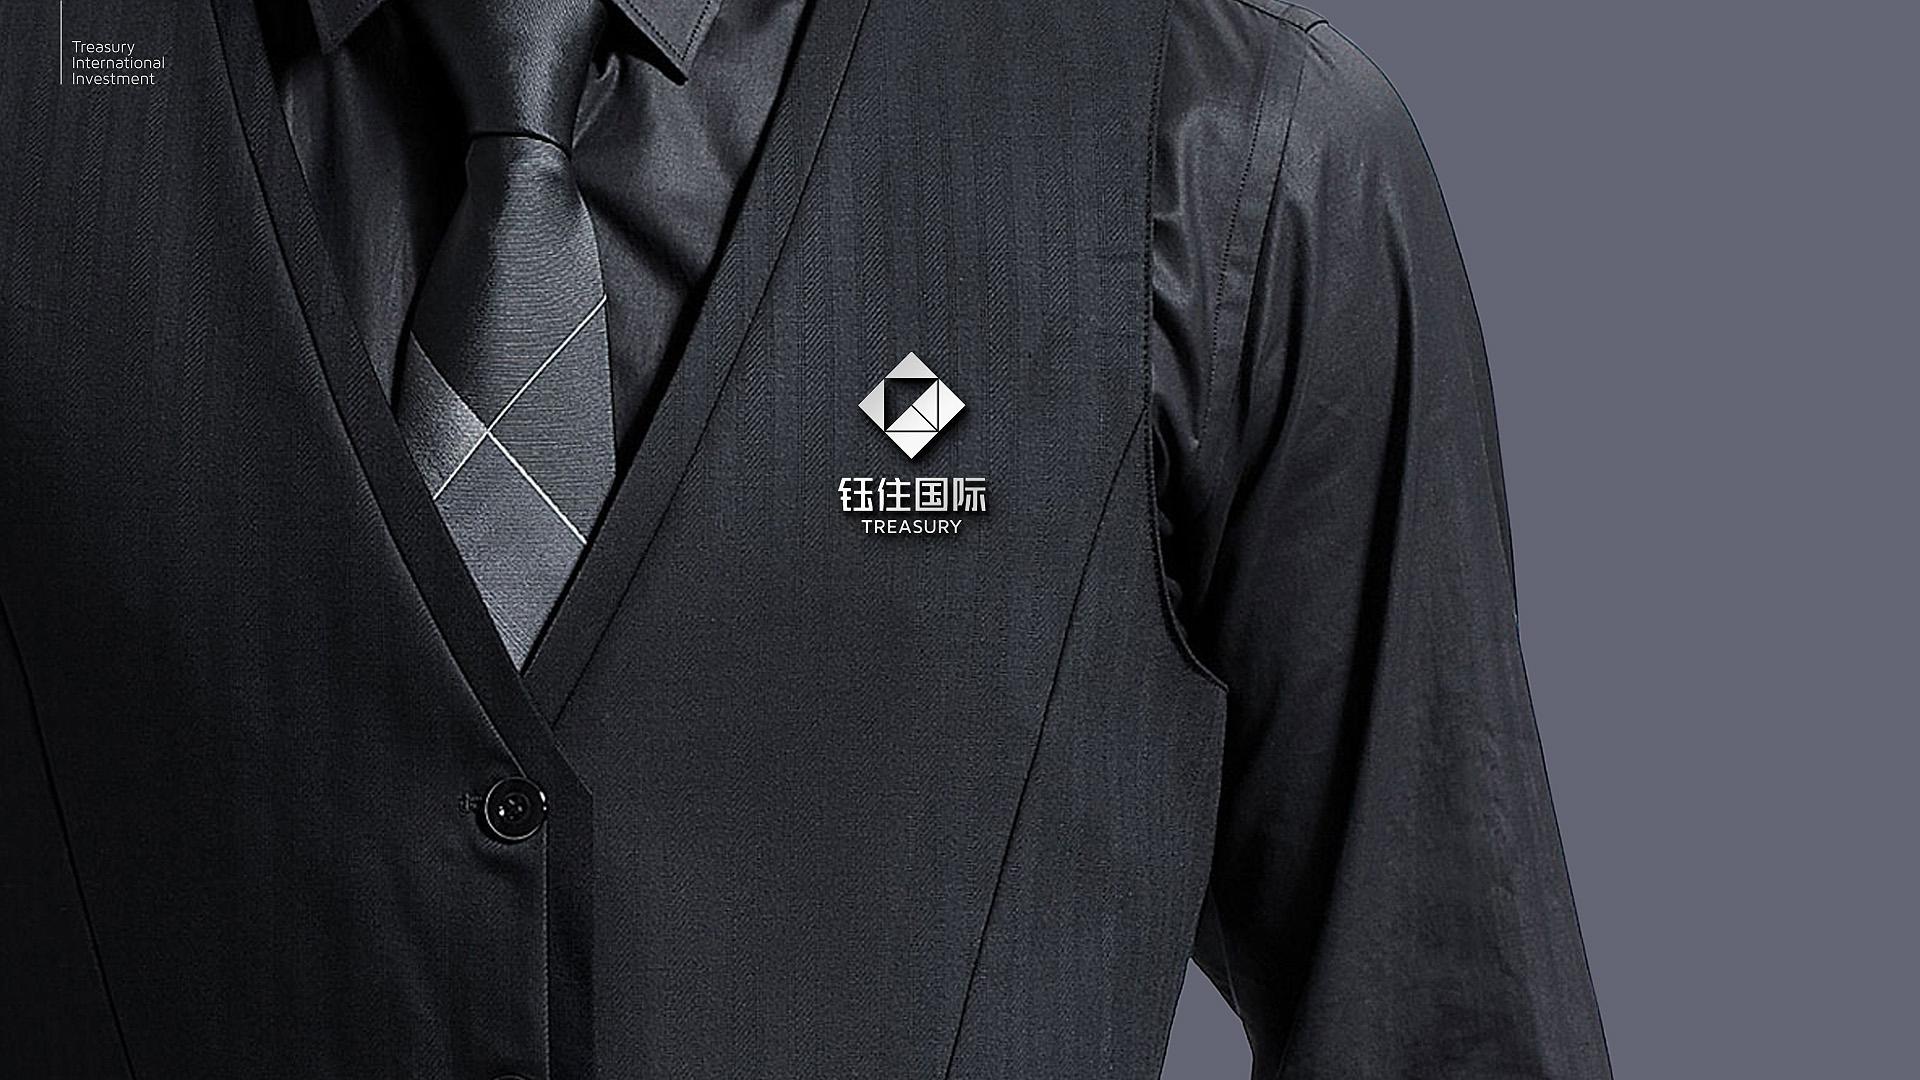 钰柱国际集团VI设计